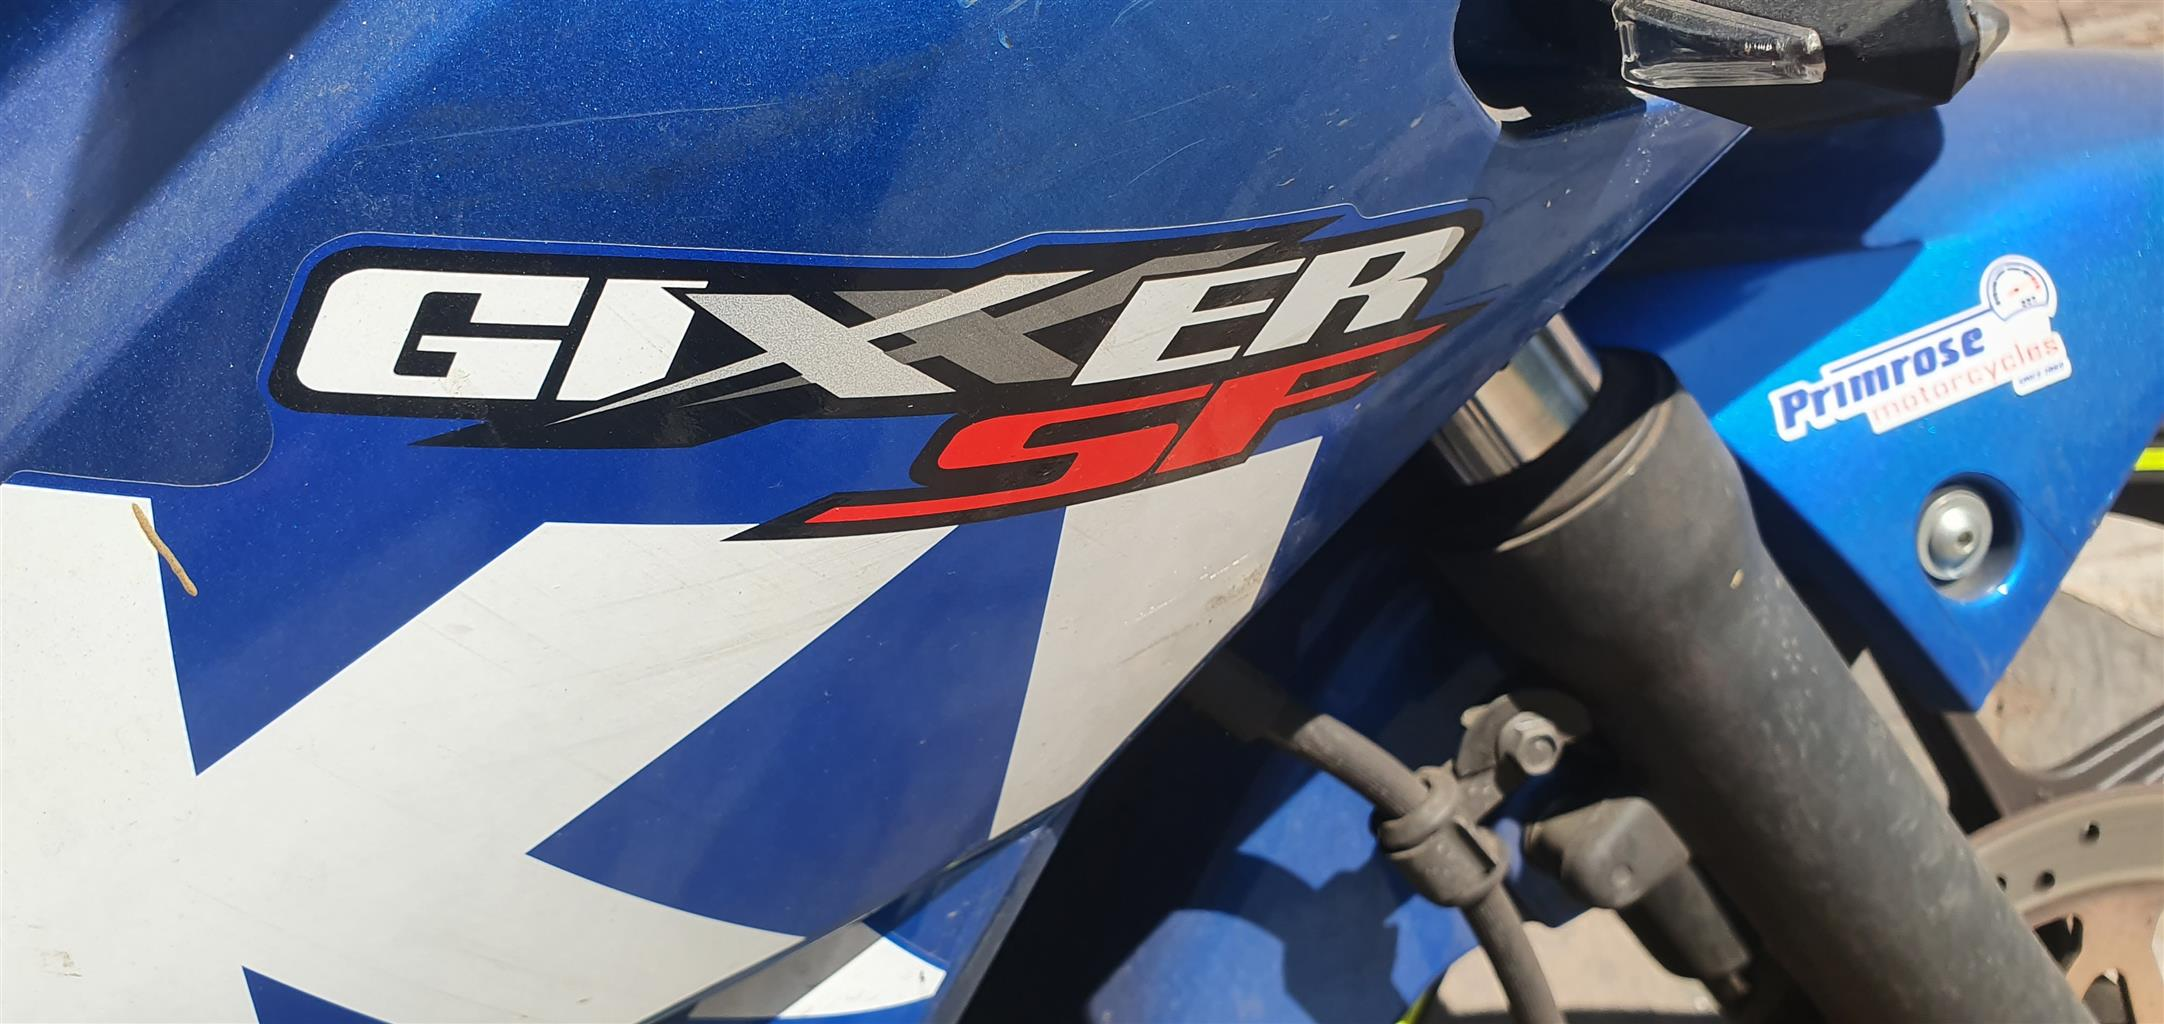 2017 Suzuki GS